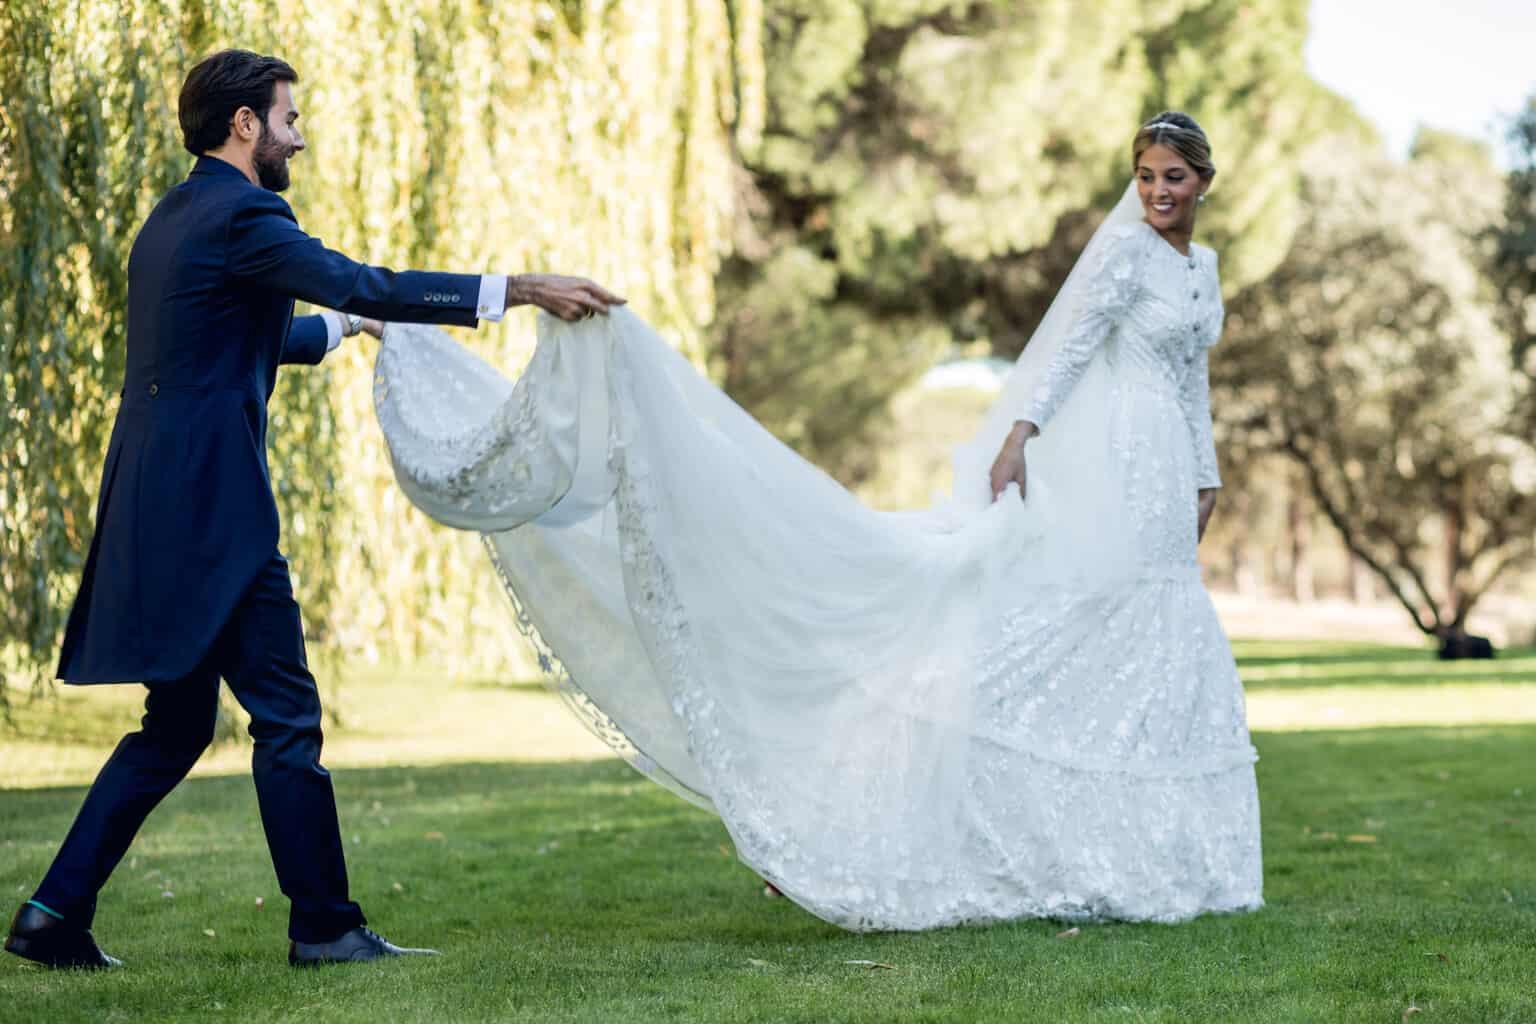 La novia del vestido de los botones joya - Las bodas de Tatín